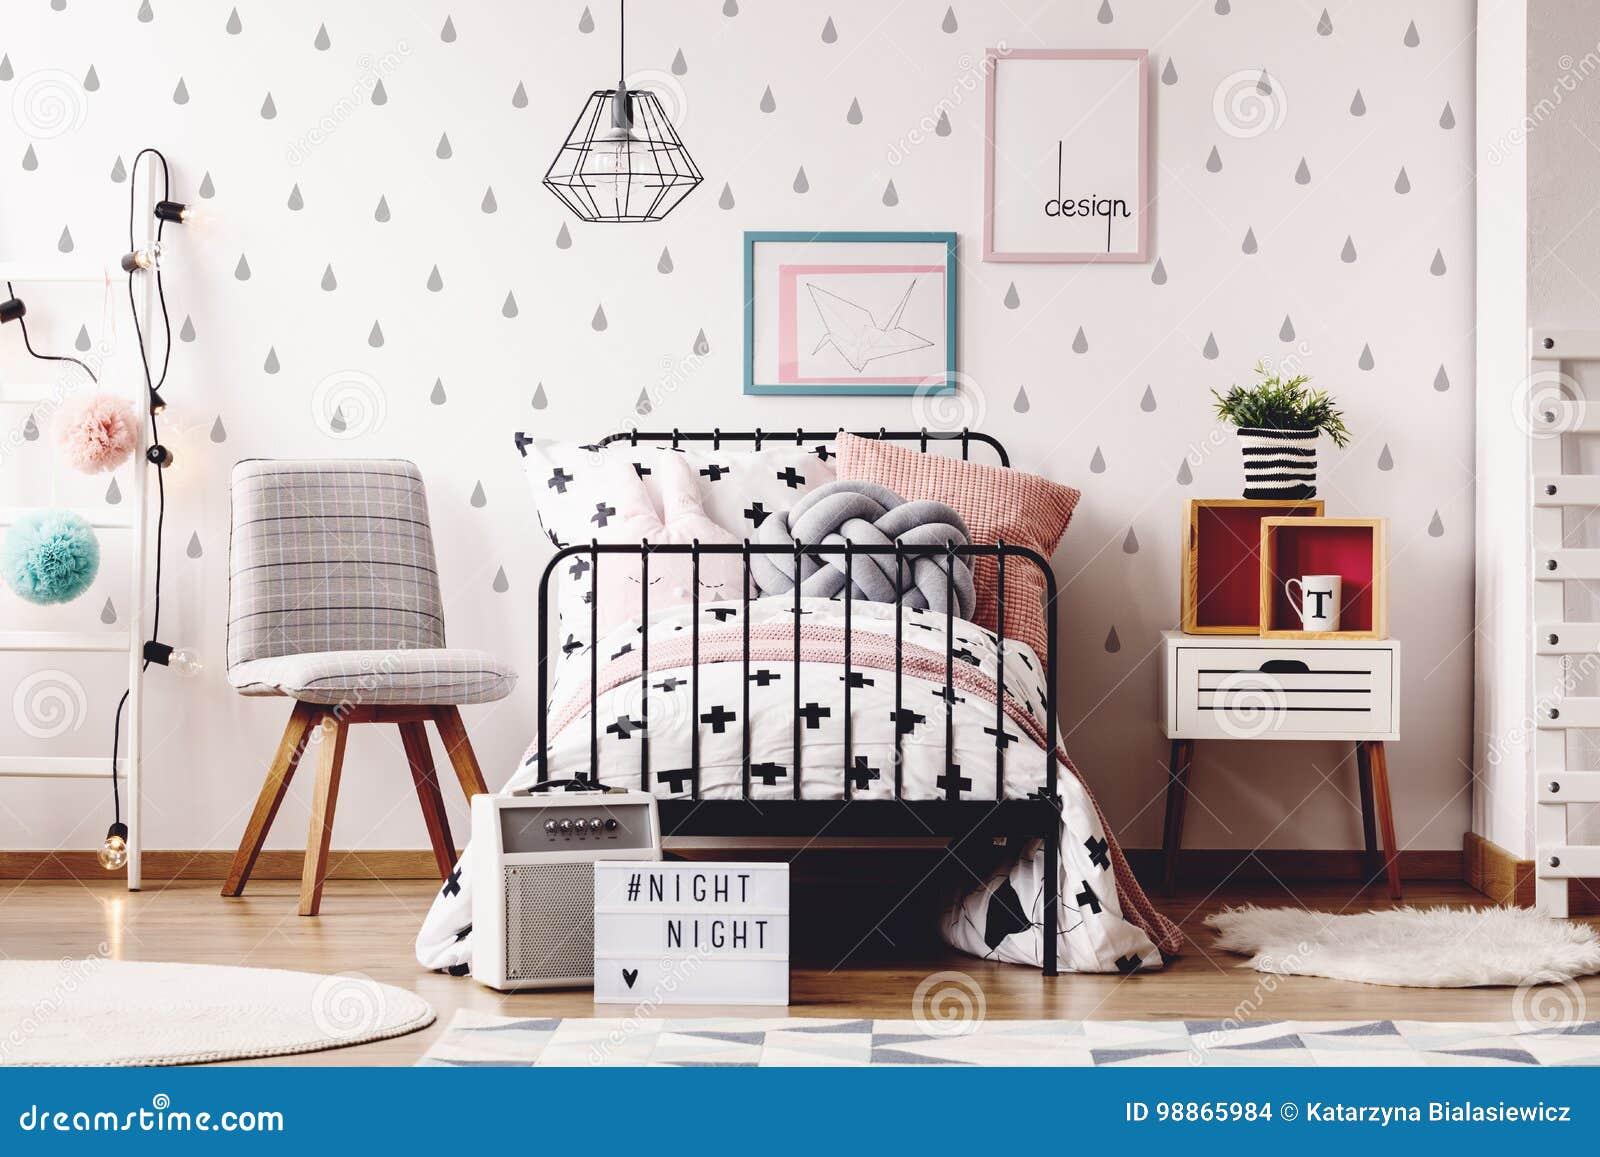 Einfacher Kinderraum Mit Wolldecken Stockfoto Bild Von Wohnung